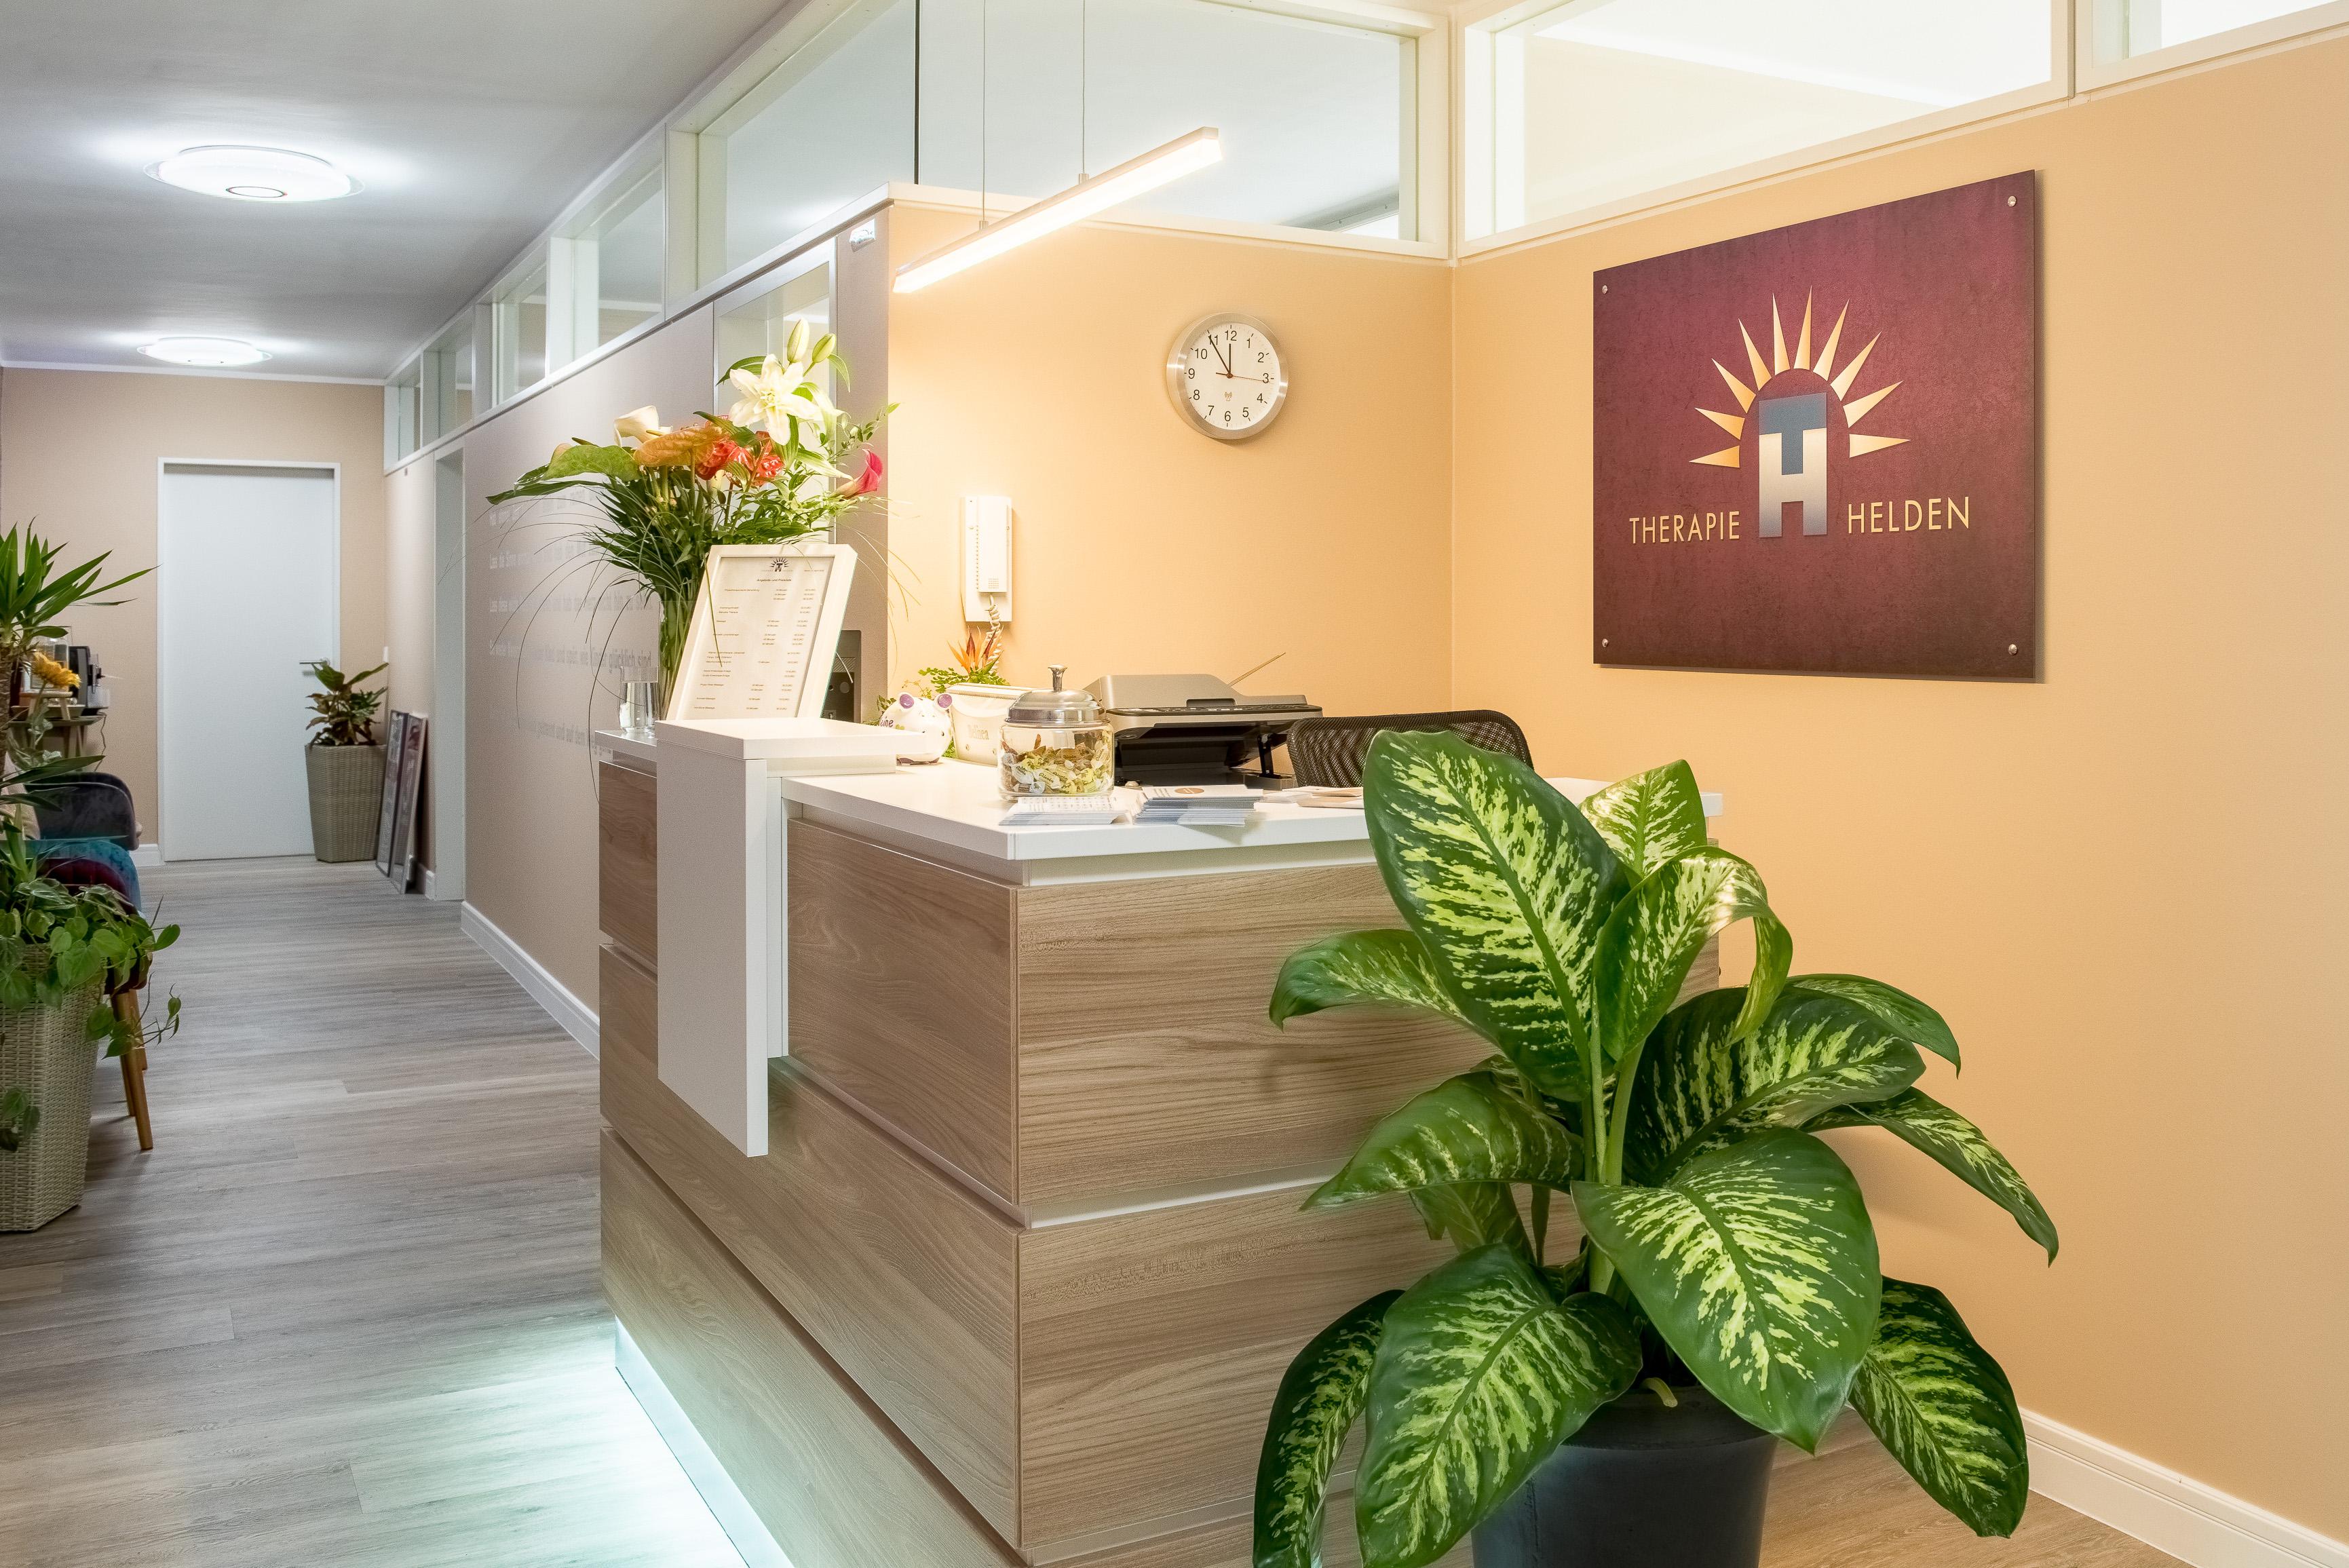 Praxis der Therapiehelden GmbH in München